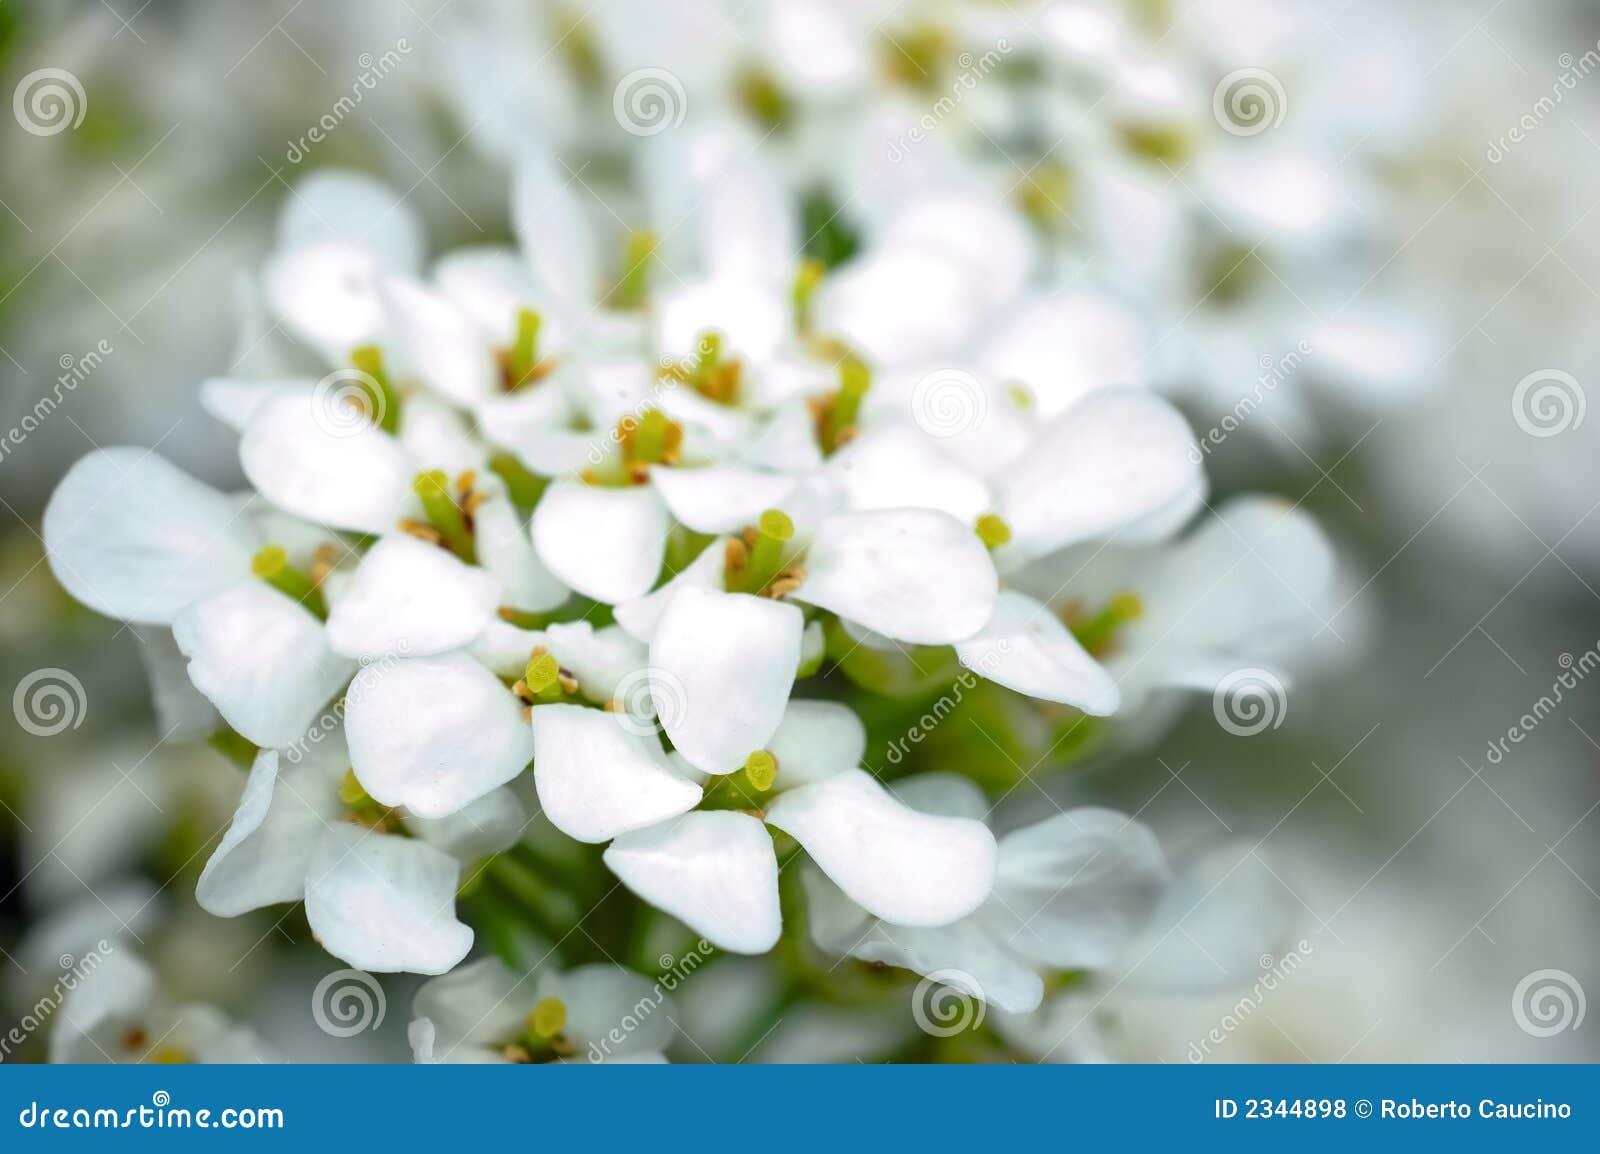 Piccoli fiori bianchi fotografie stock libere da diritti for Fiori piccoli bianchi